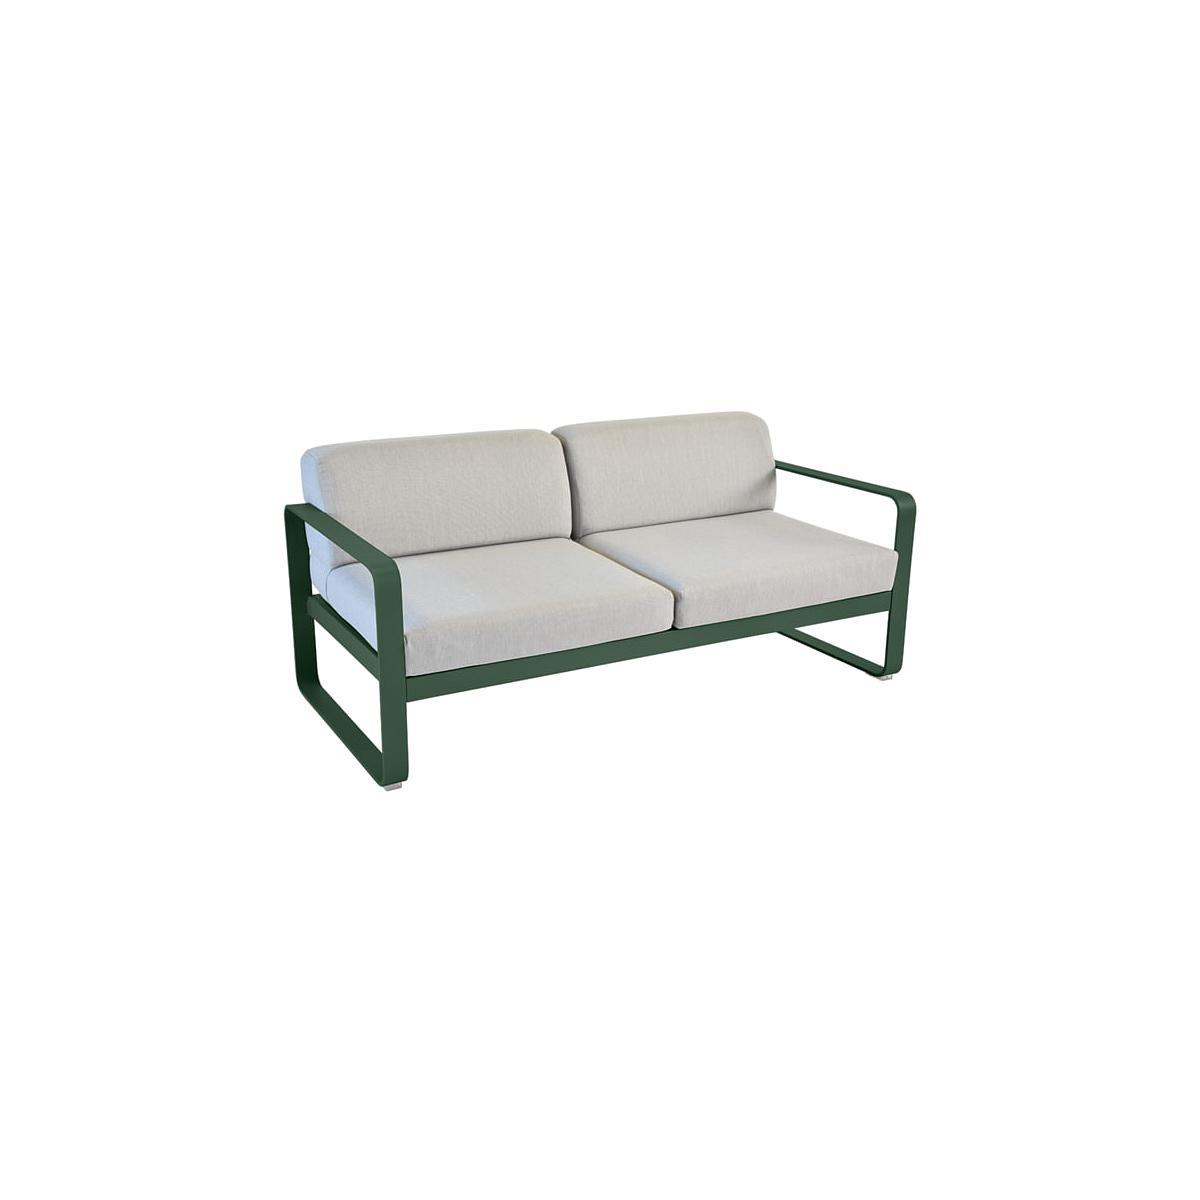 Canapé de jardin BELLEVIE Fermob CÈDRE coussins gris flanelle